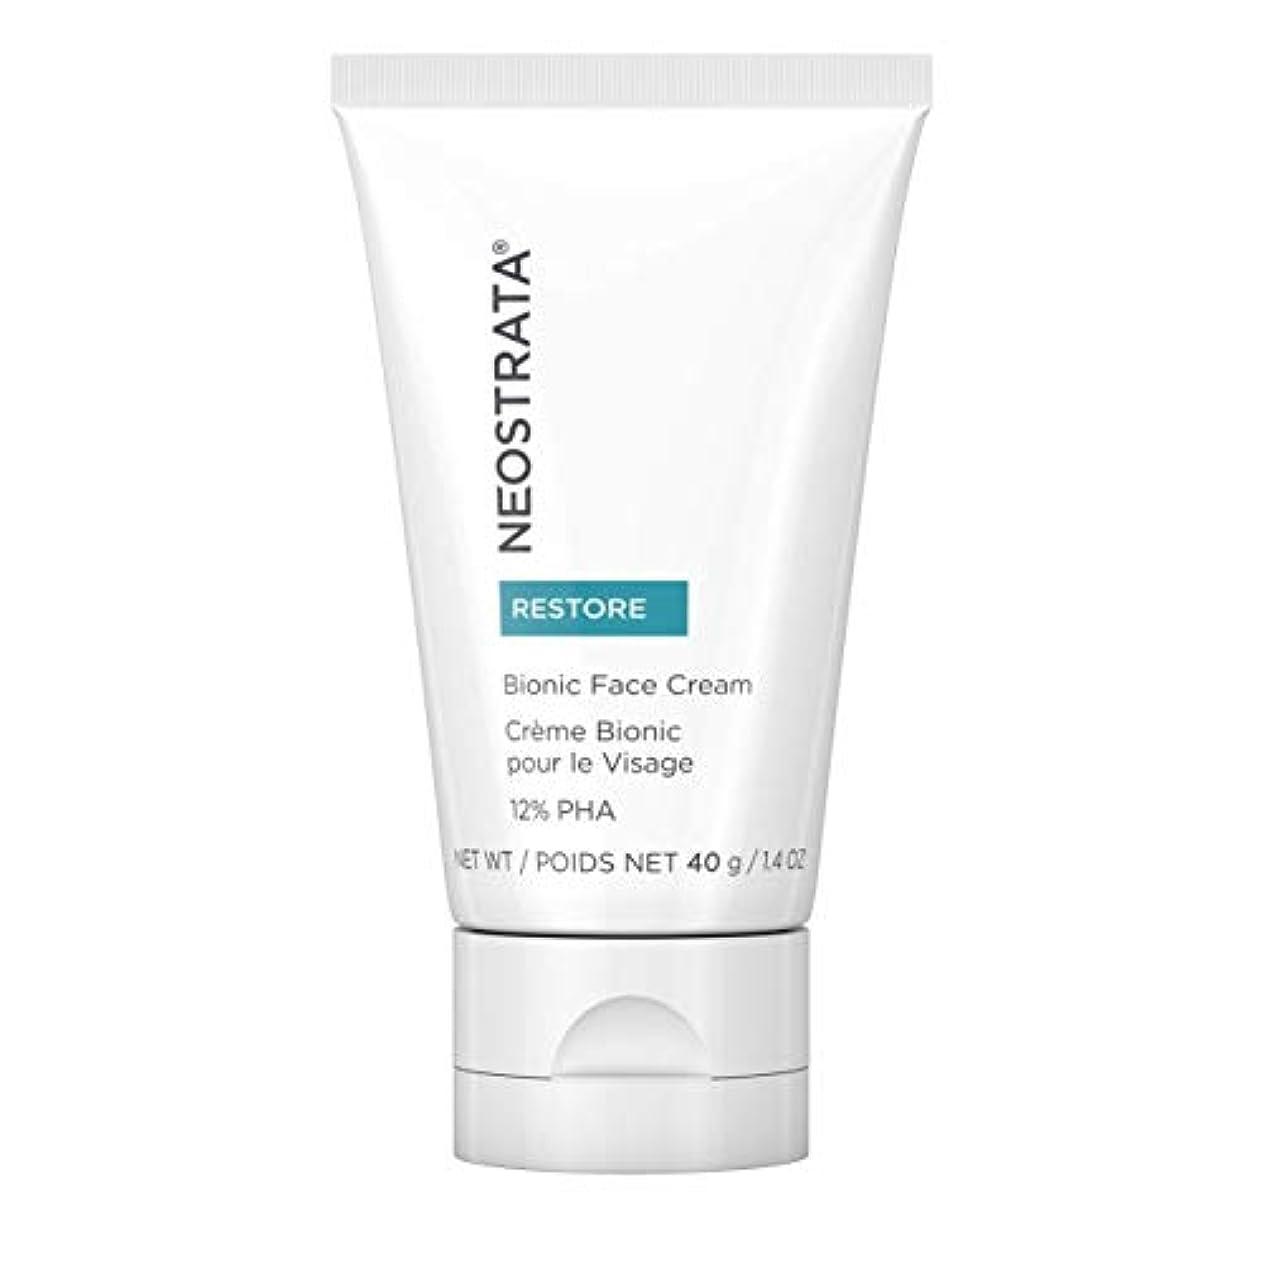 インフラ宿命土曜日ネオストラータ Restore - Bionic Face Cream 12% PHA 14g/1.4oz並行輸入品